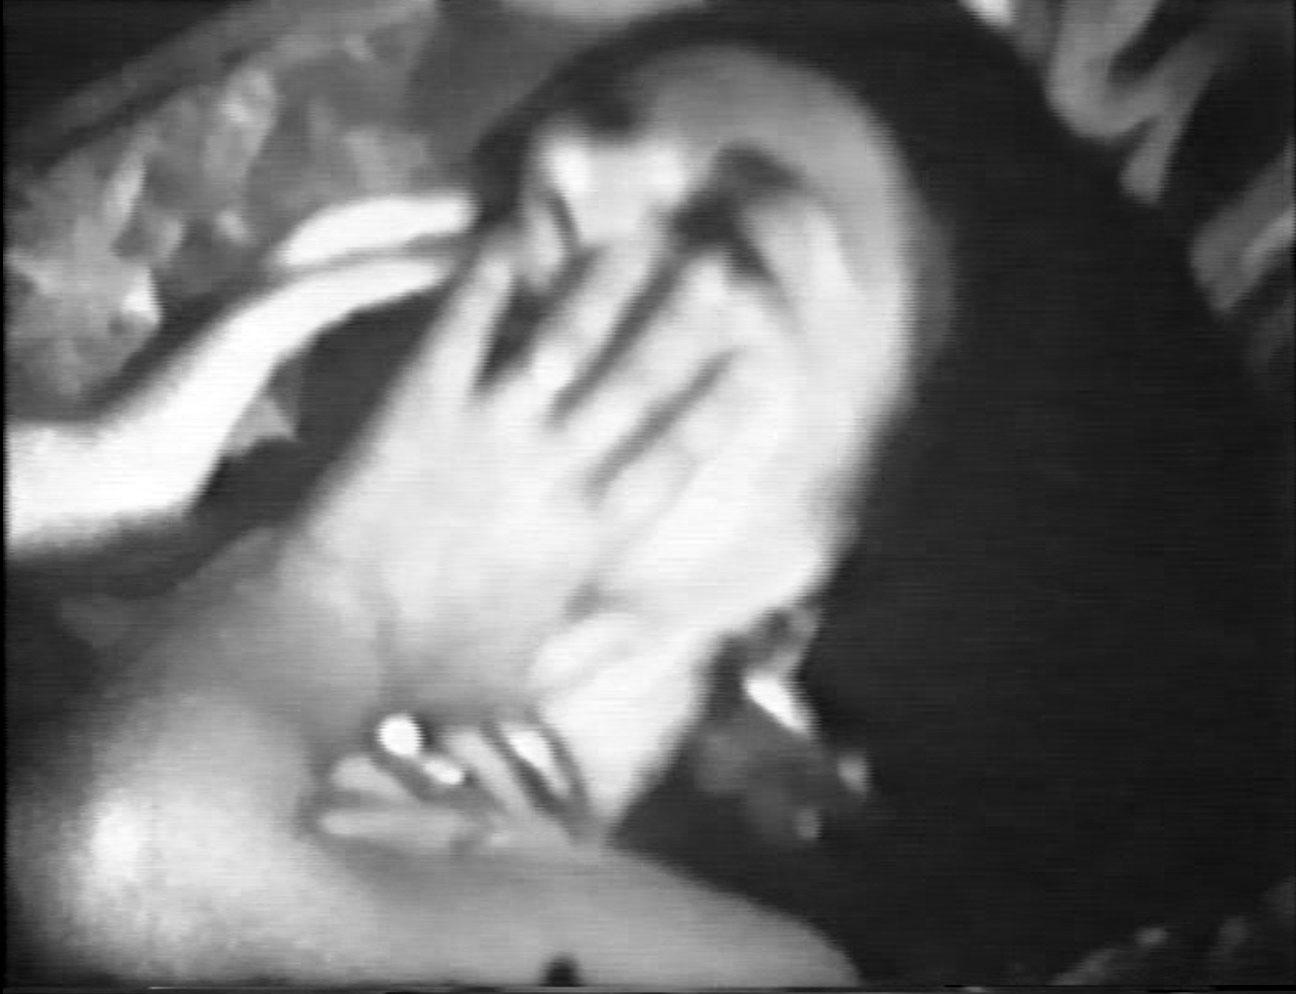 Giosetta Fioroni, fotogramma dal film Solitudine femminile, 1967